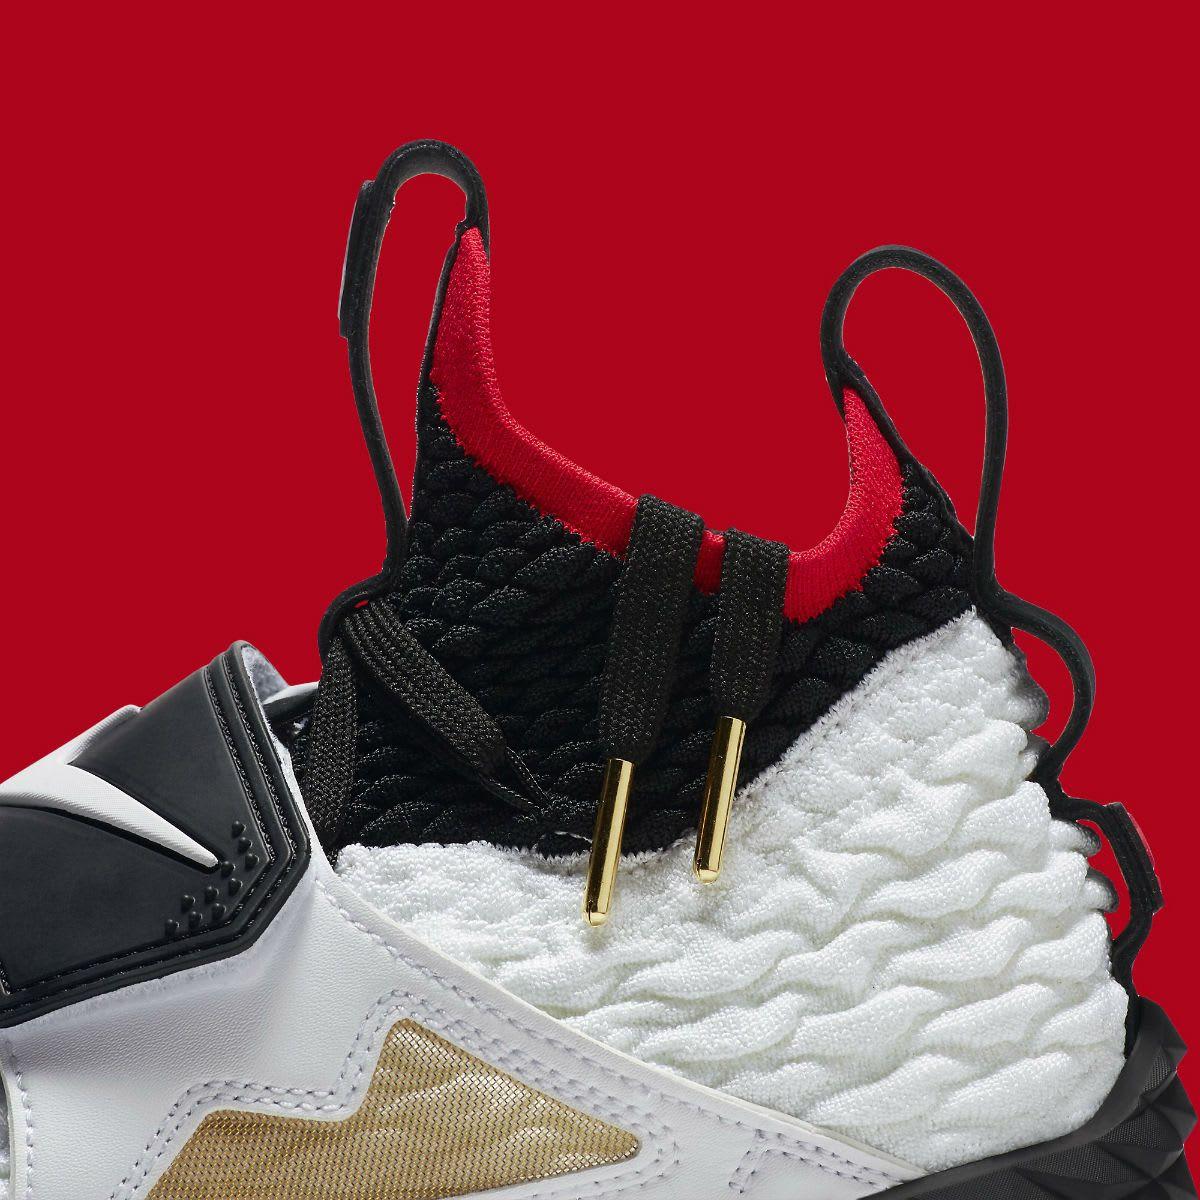 first rate 335f8 8cf9c Nike LeBron 15 Diamond Turf Release Date AO9144-100 Collar ...